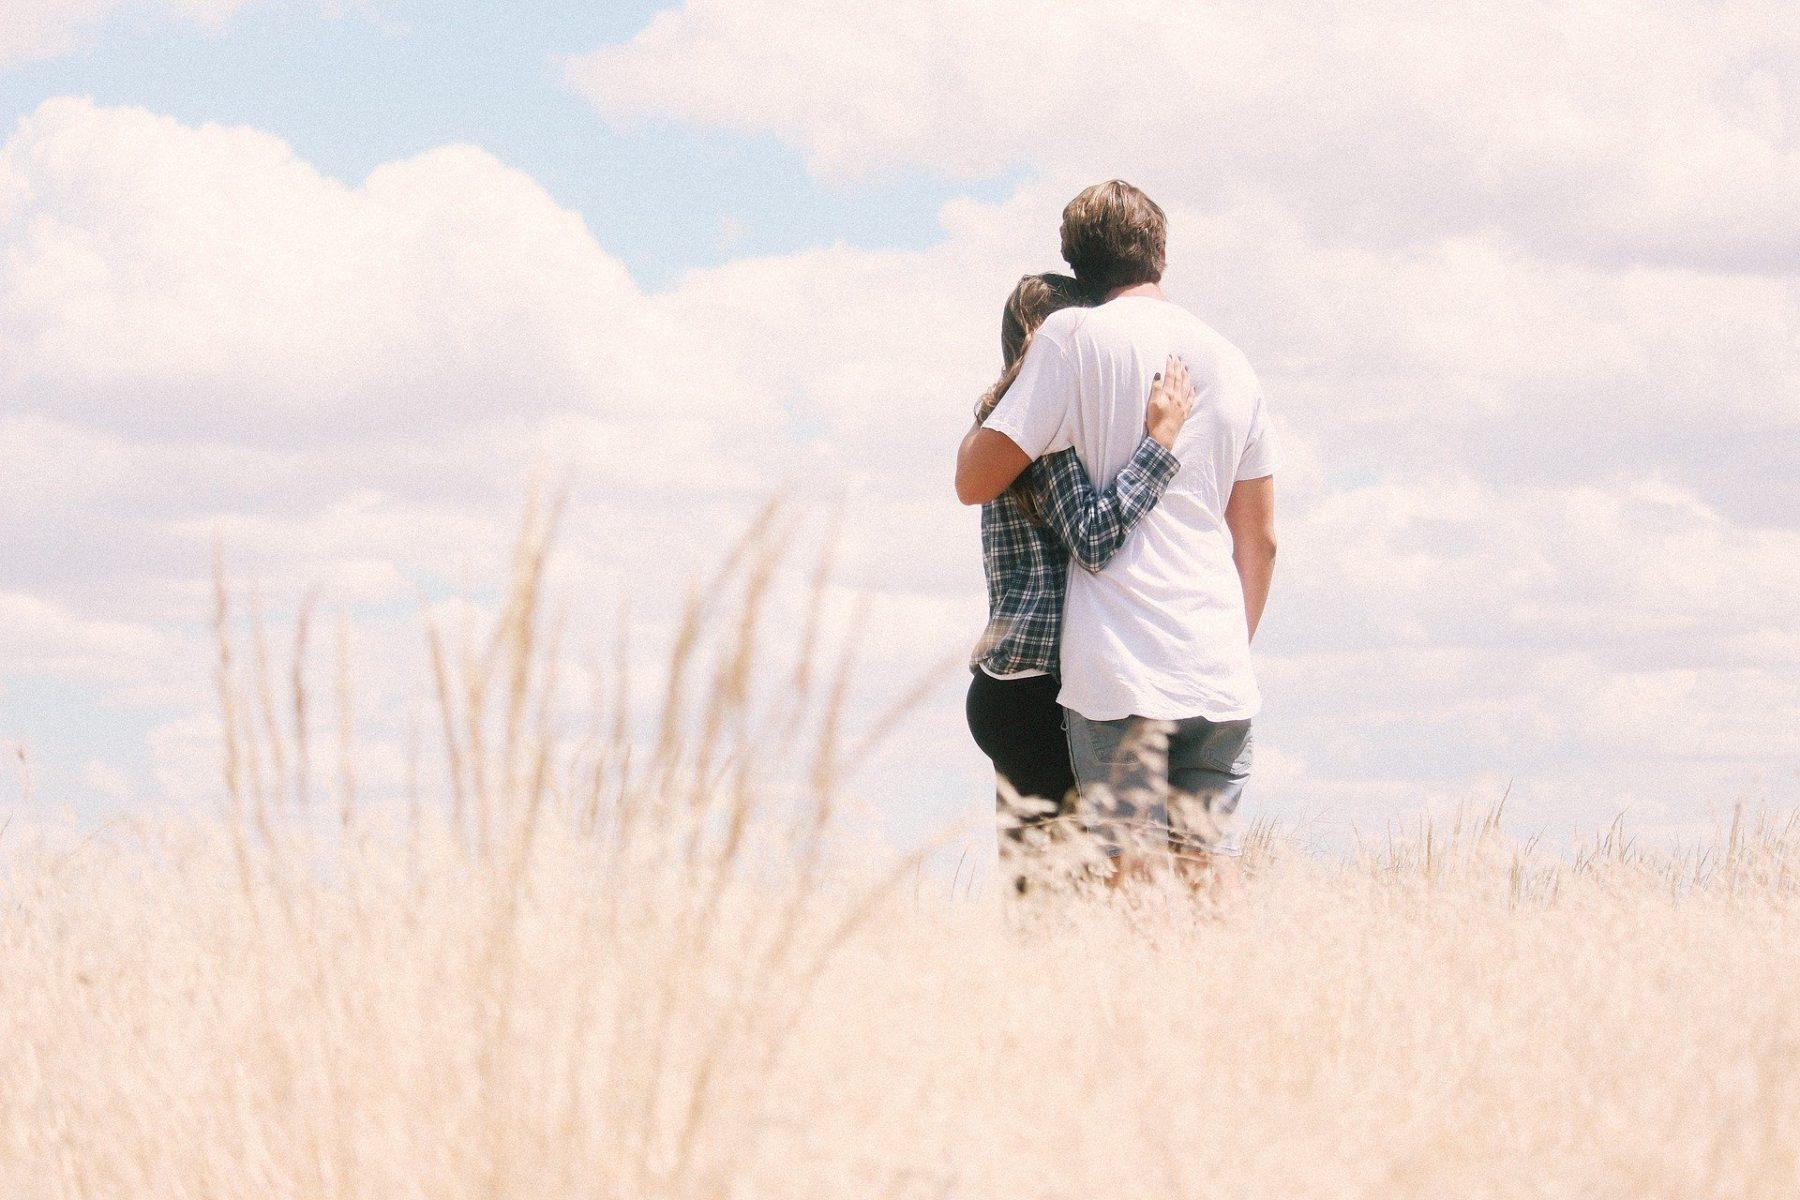 Σεξ σχέση: Είναι σημαντικό είναι το σεξ στο ζευγάρι